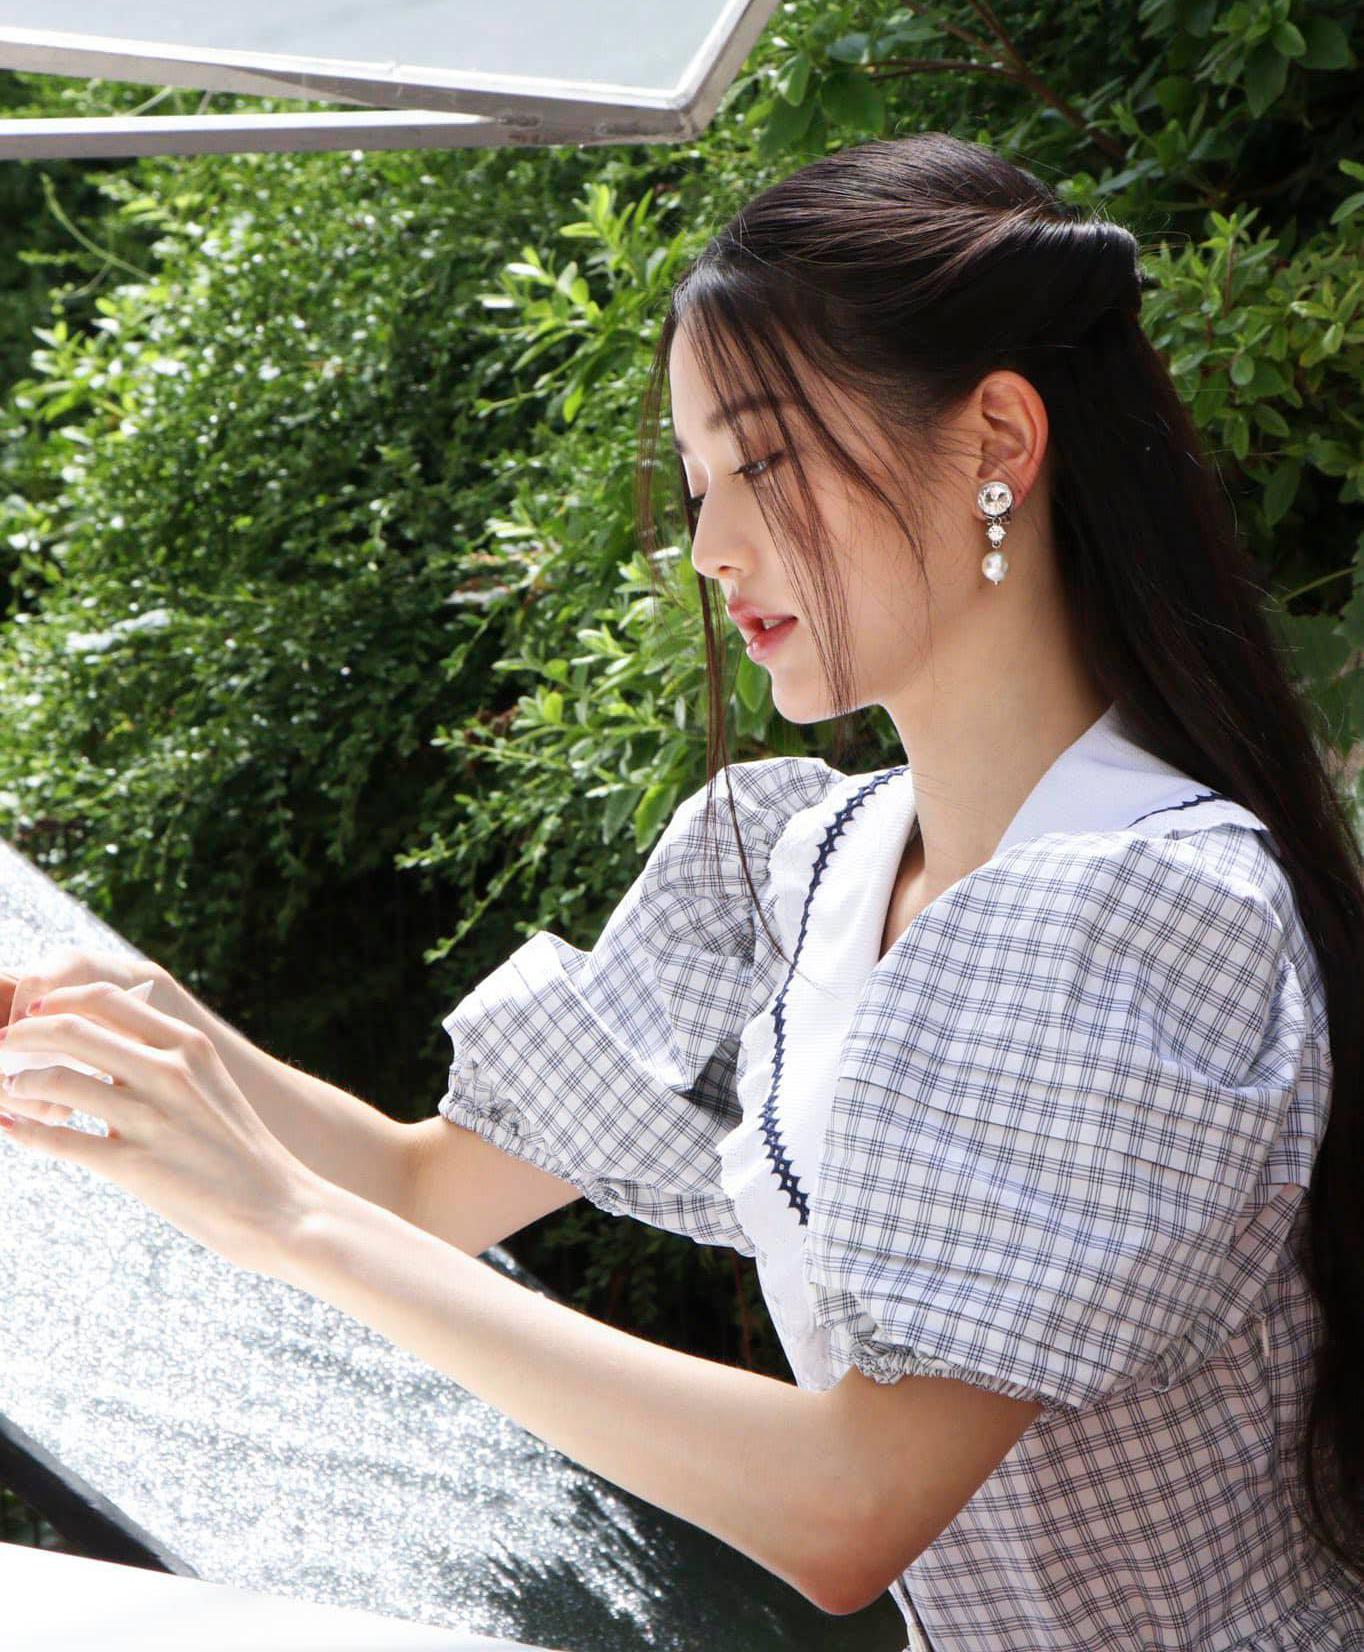 Mặc đầm tay bồng, để tóc buộc nửa lòa xòa và đeo trang sức lấp lánh, nữ idol 17 tuổi được khen toát lên khí chất thanh cao đúng kiểu tiểu thư khuê các.